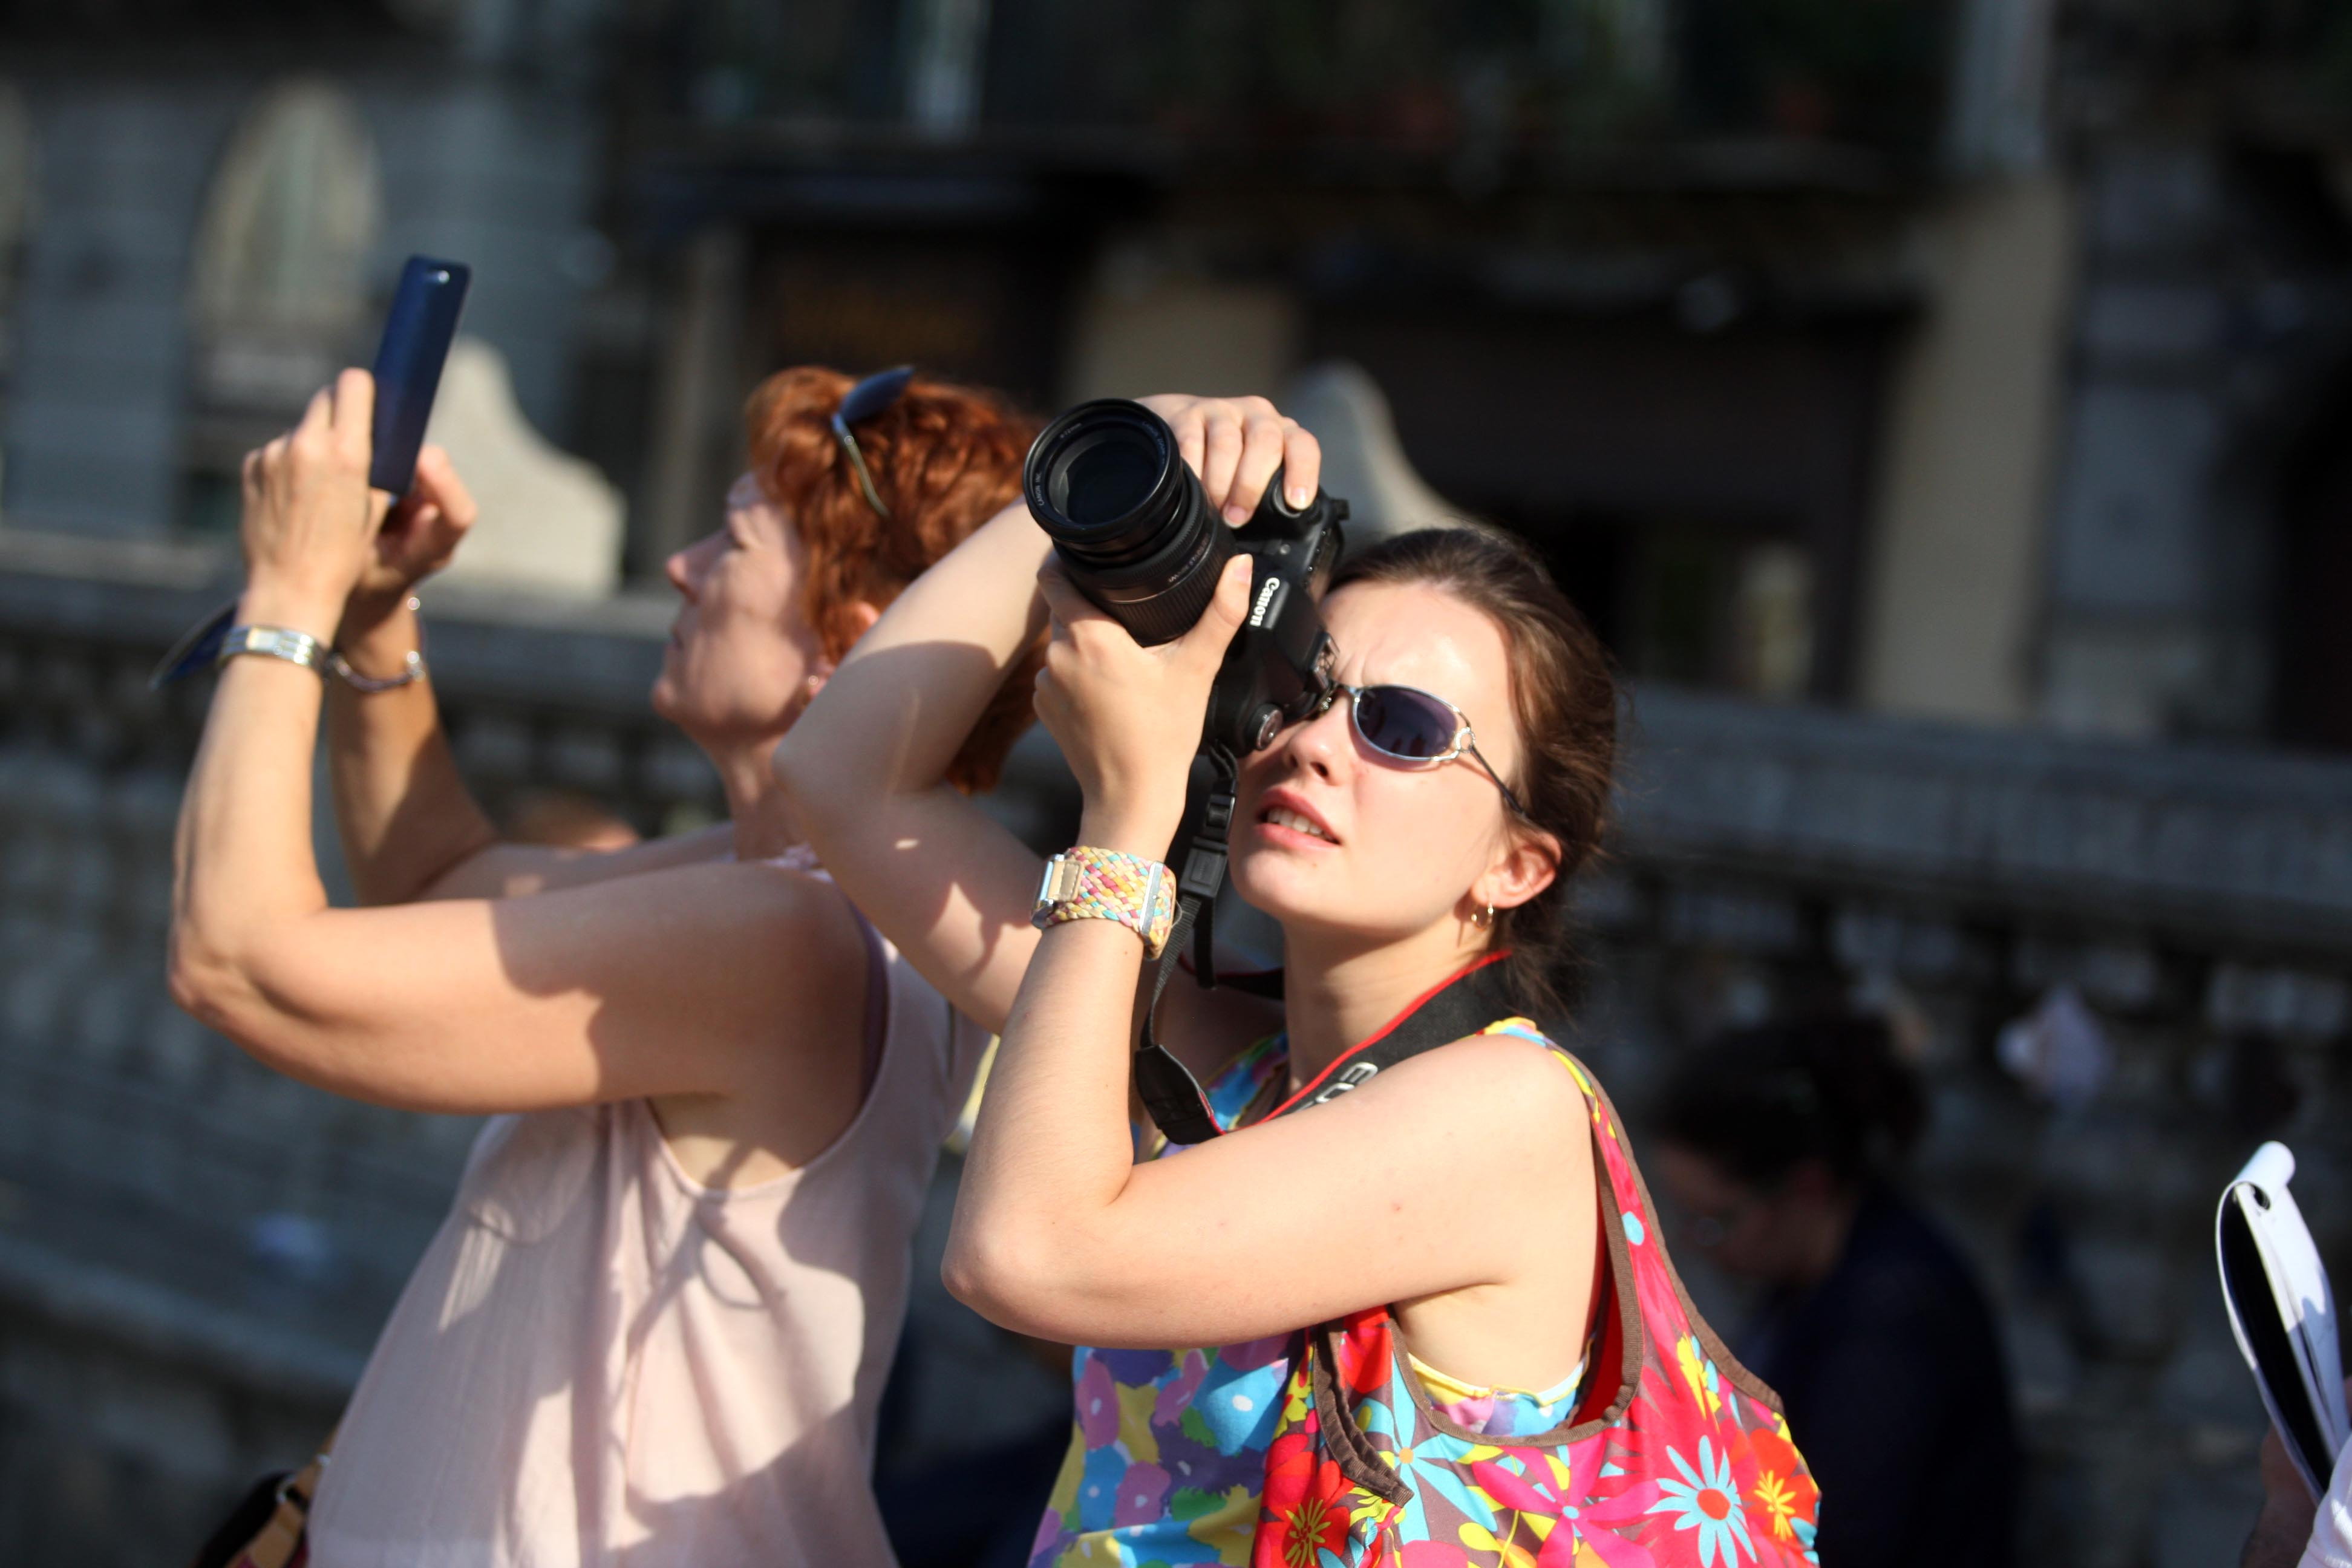 I turisti spendono in media 2200 lei a persona